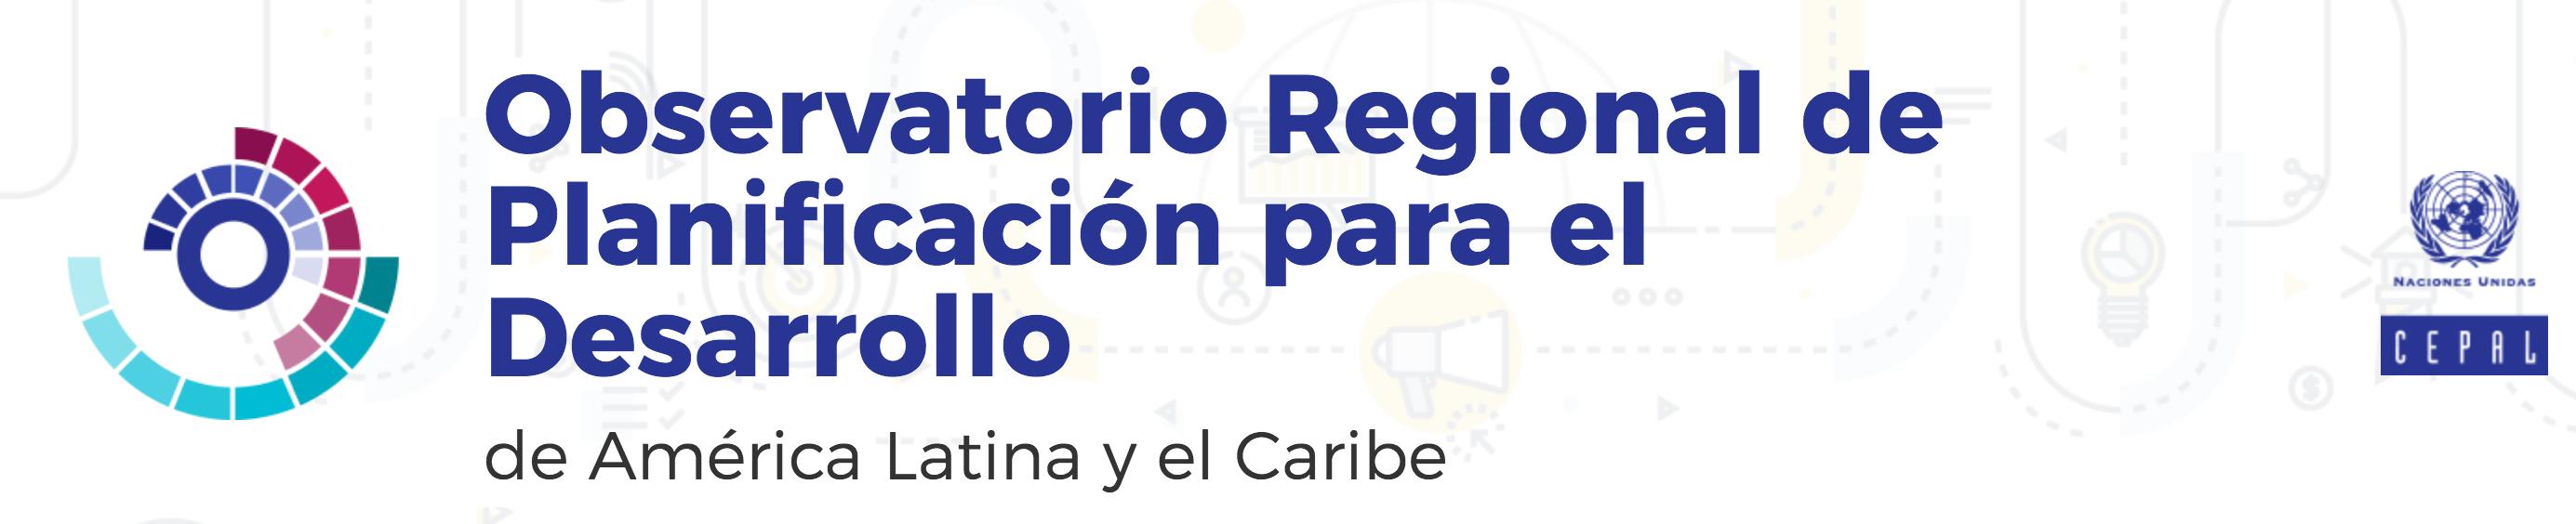 Observatorio Regional de Planificación para el Desarrollo